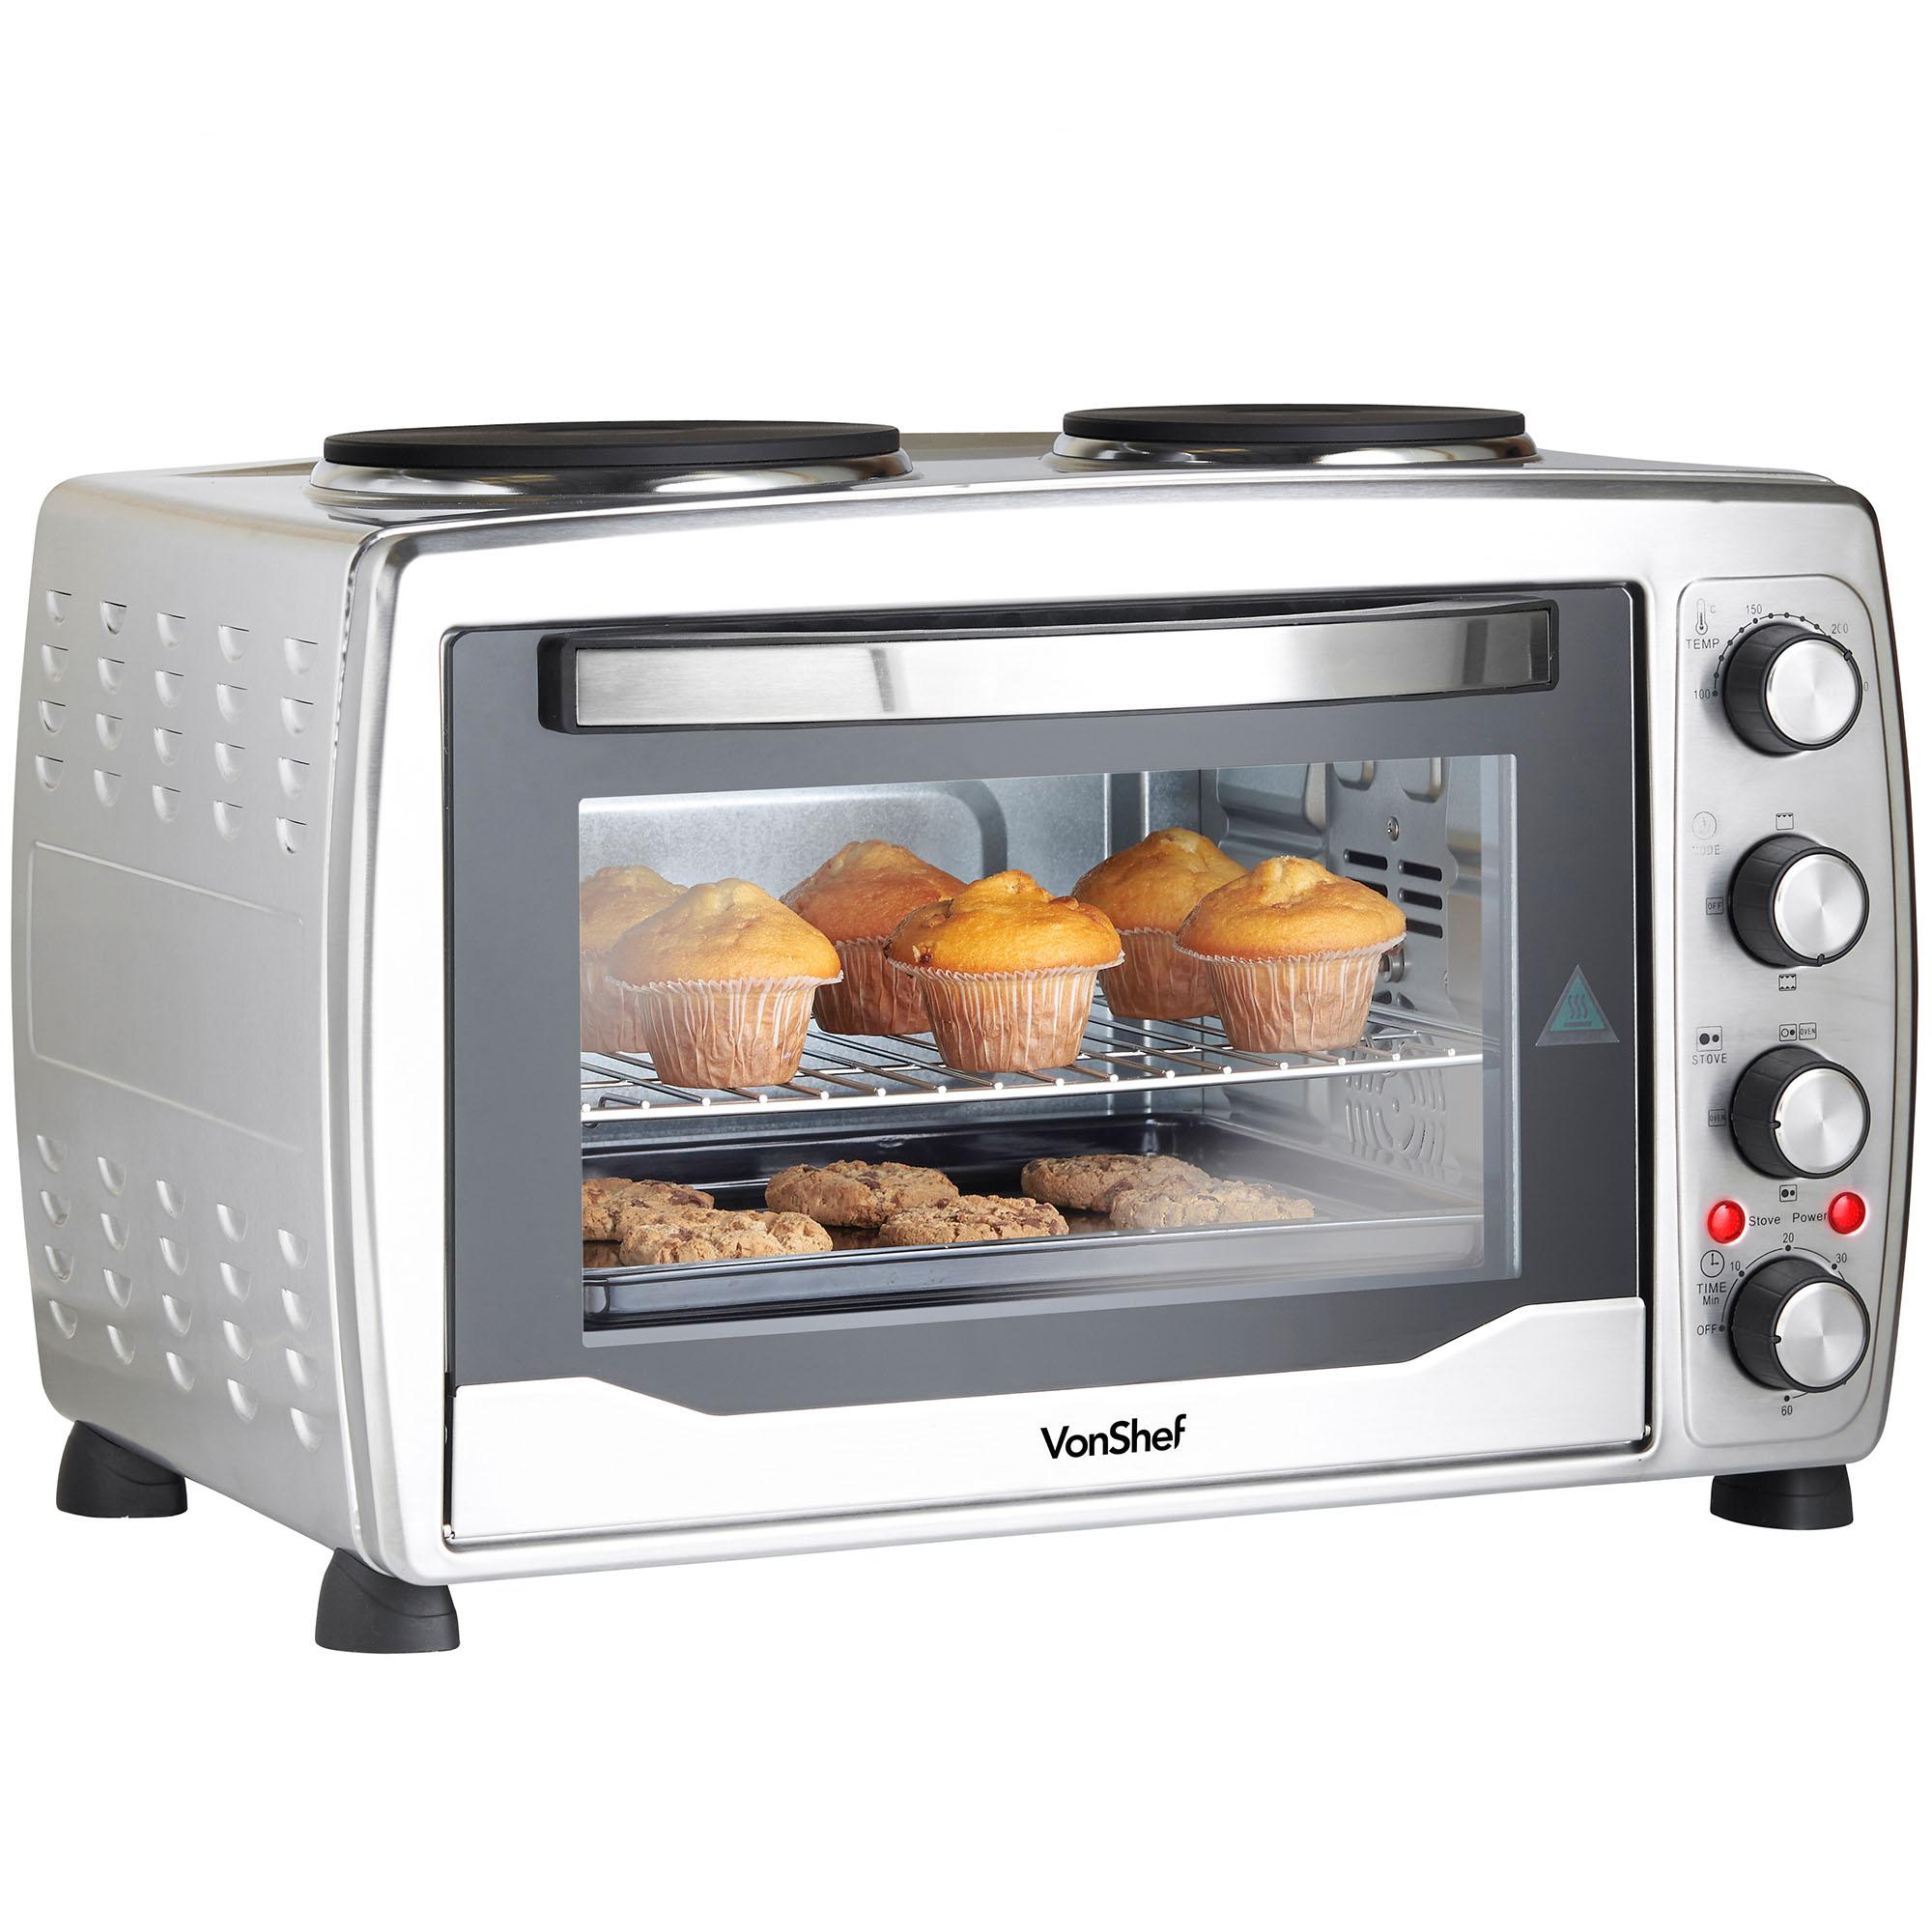 Mini Oven: VonShef Mini Oven 36L Grill Convection Electric Double Hob